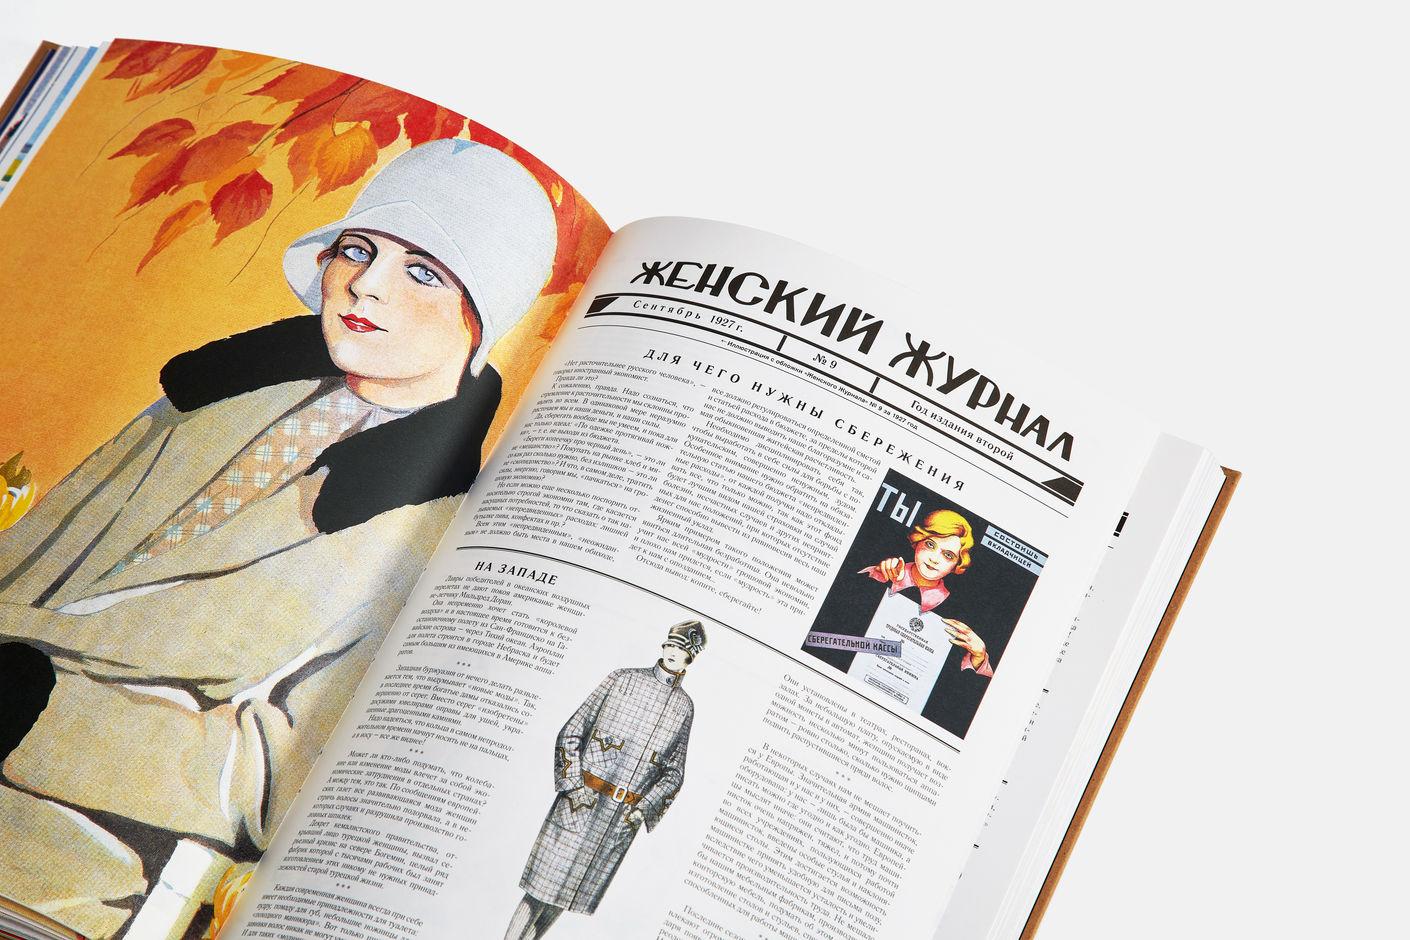 Подарочная книга Женский журнал, 2017, Агей Томеш, Лаборатория дизайна НИУ ВШЭ